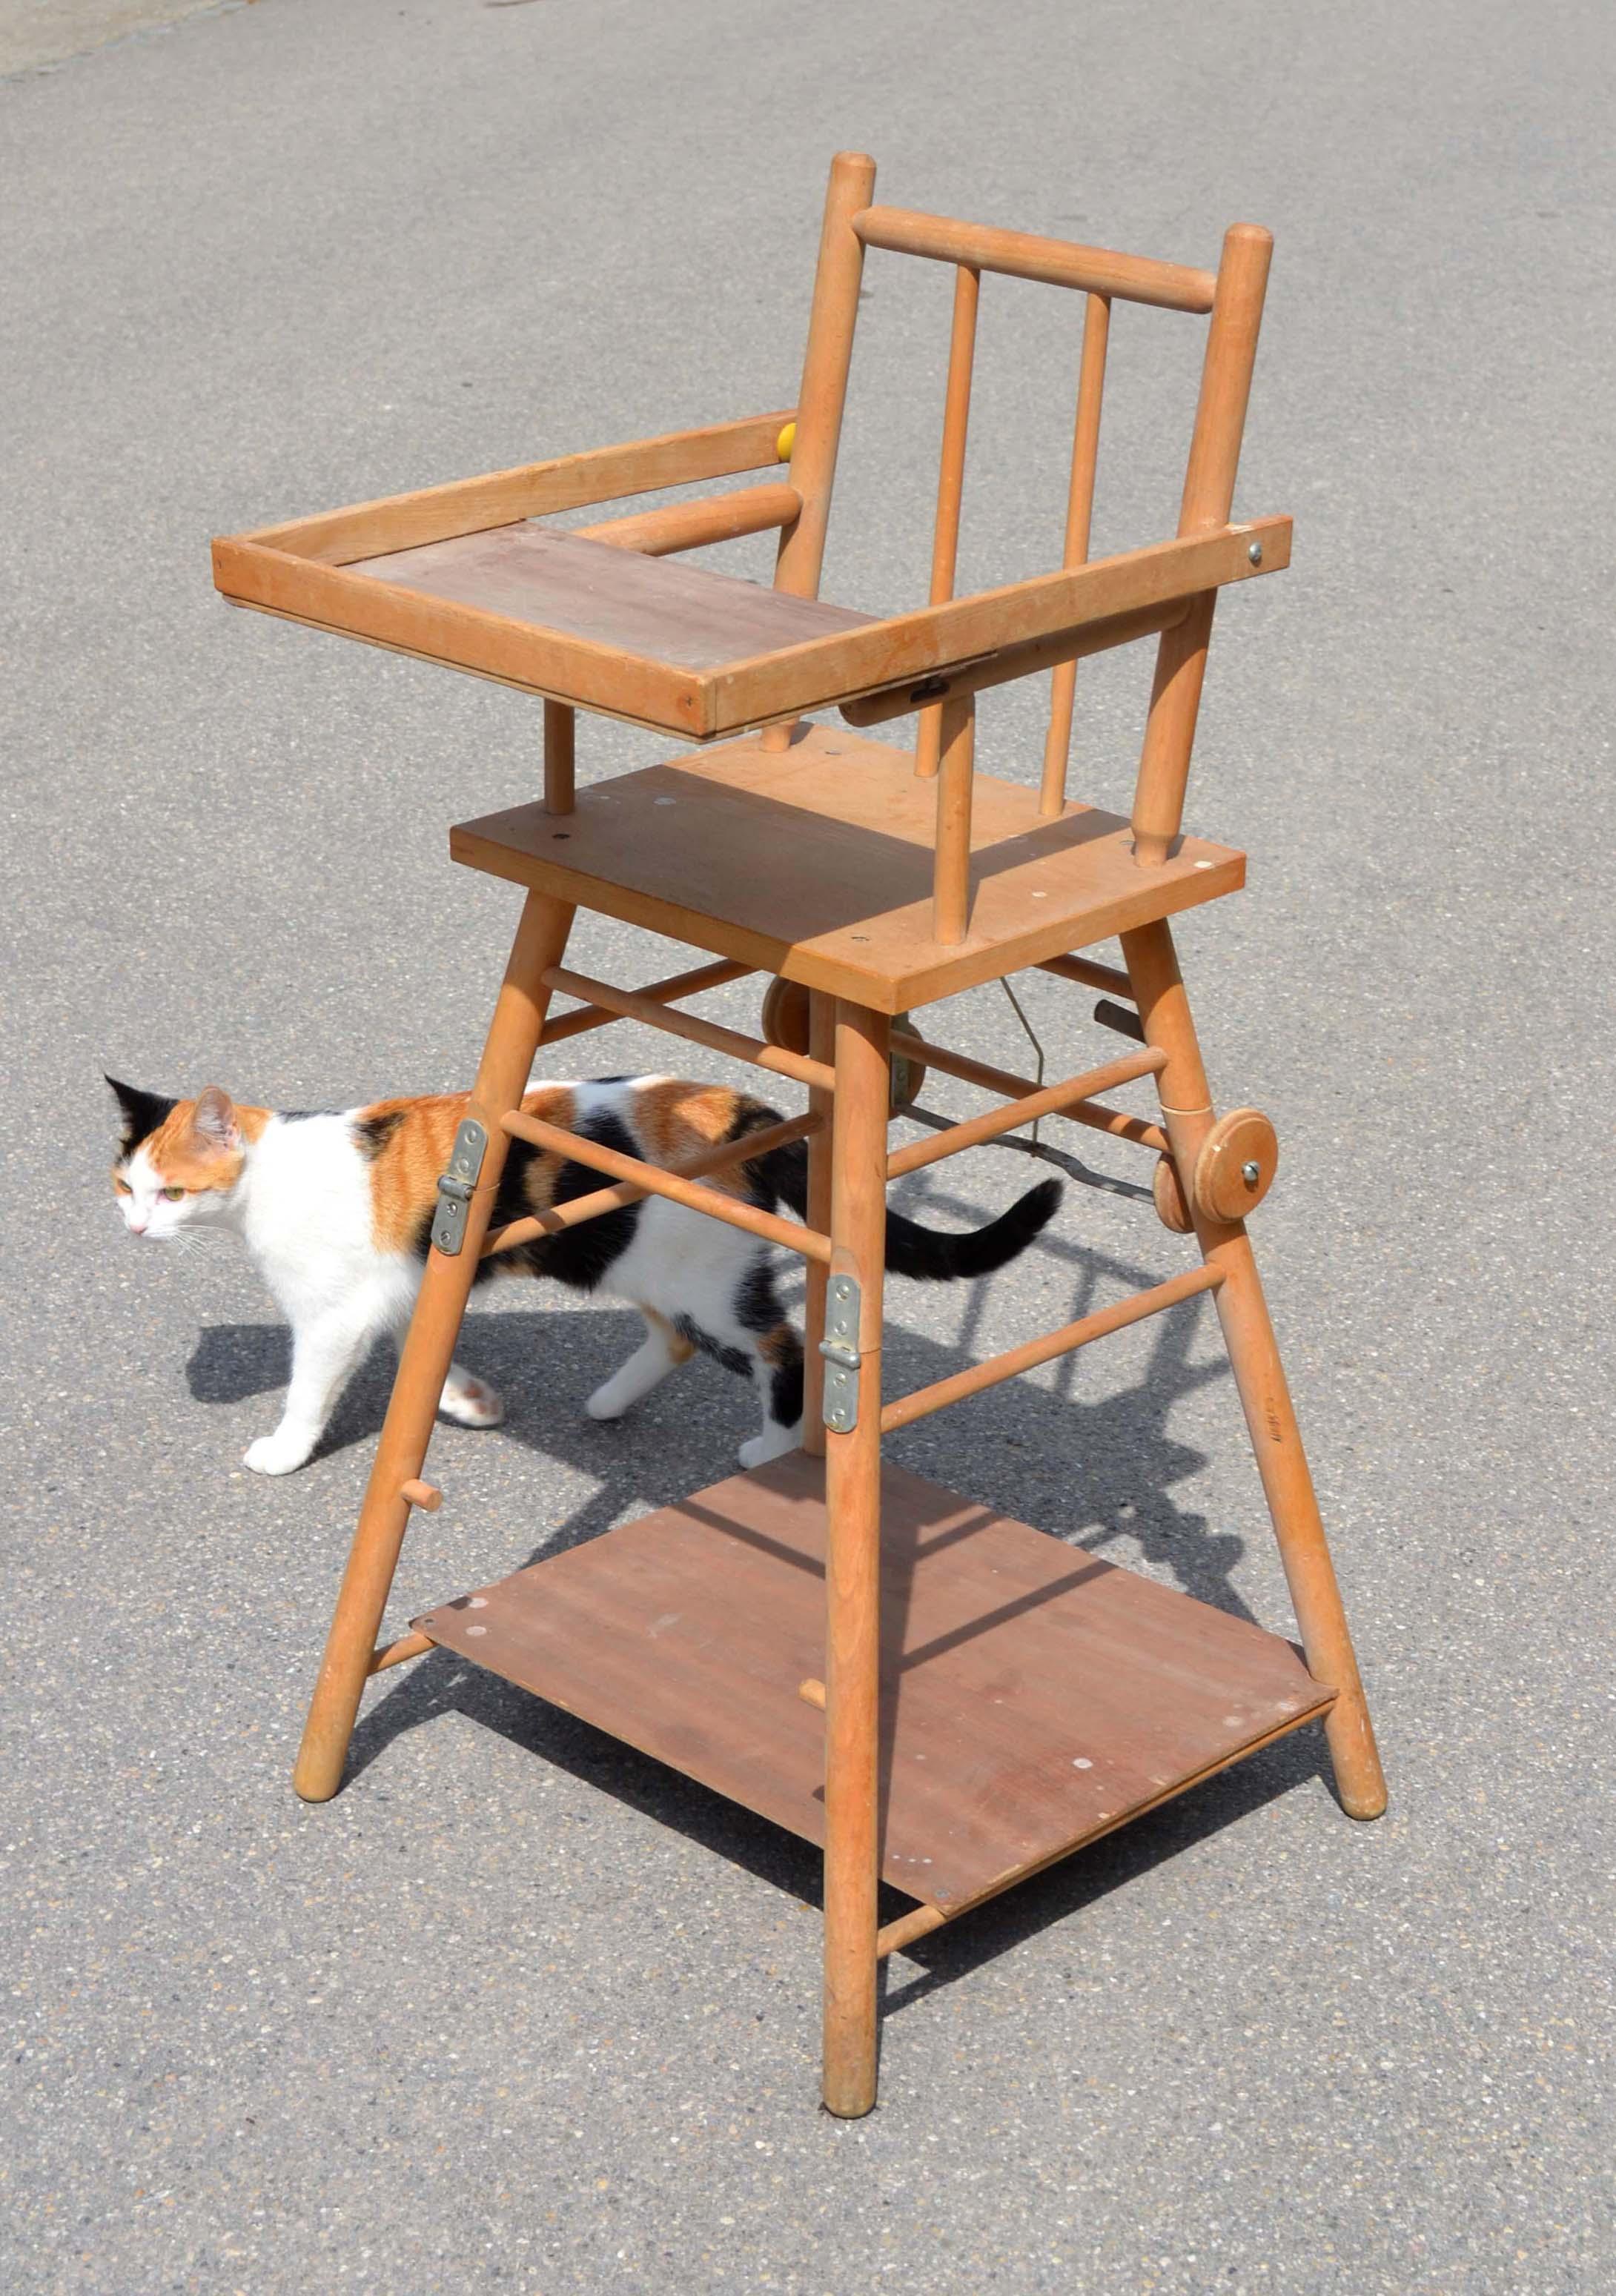 chaise haute de bebe des annees 1950 60 pliable pour permettre au bambin de manger a la table en bois clair un peu tache idealement a repeindre